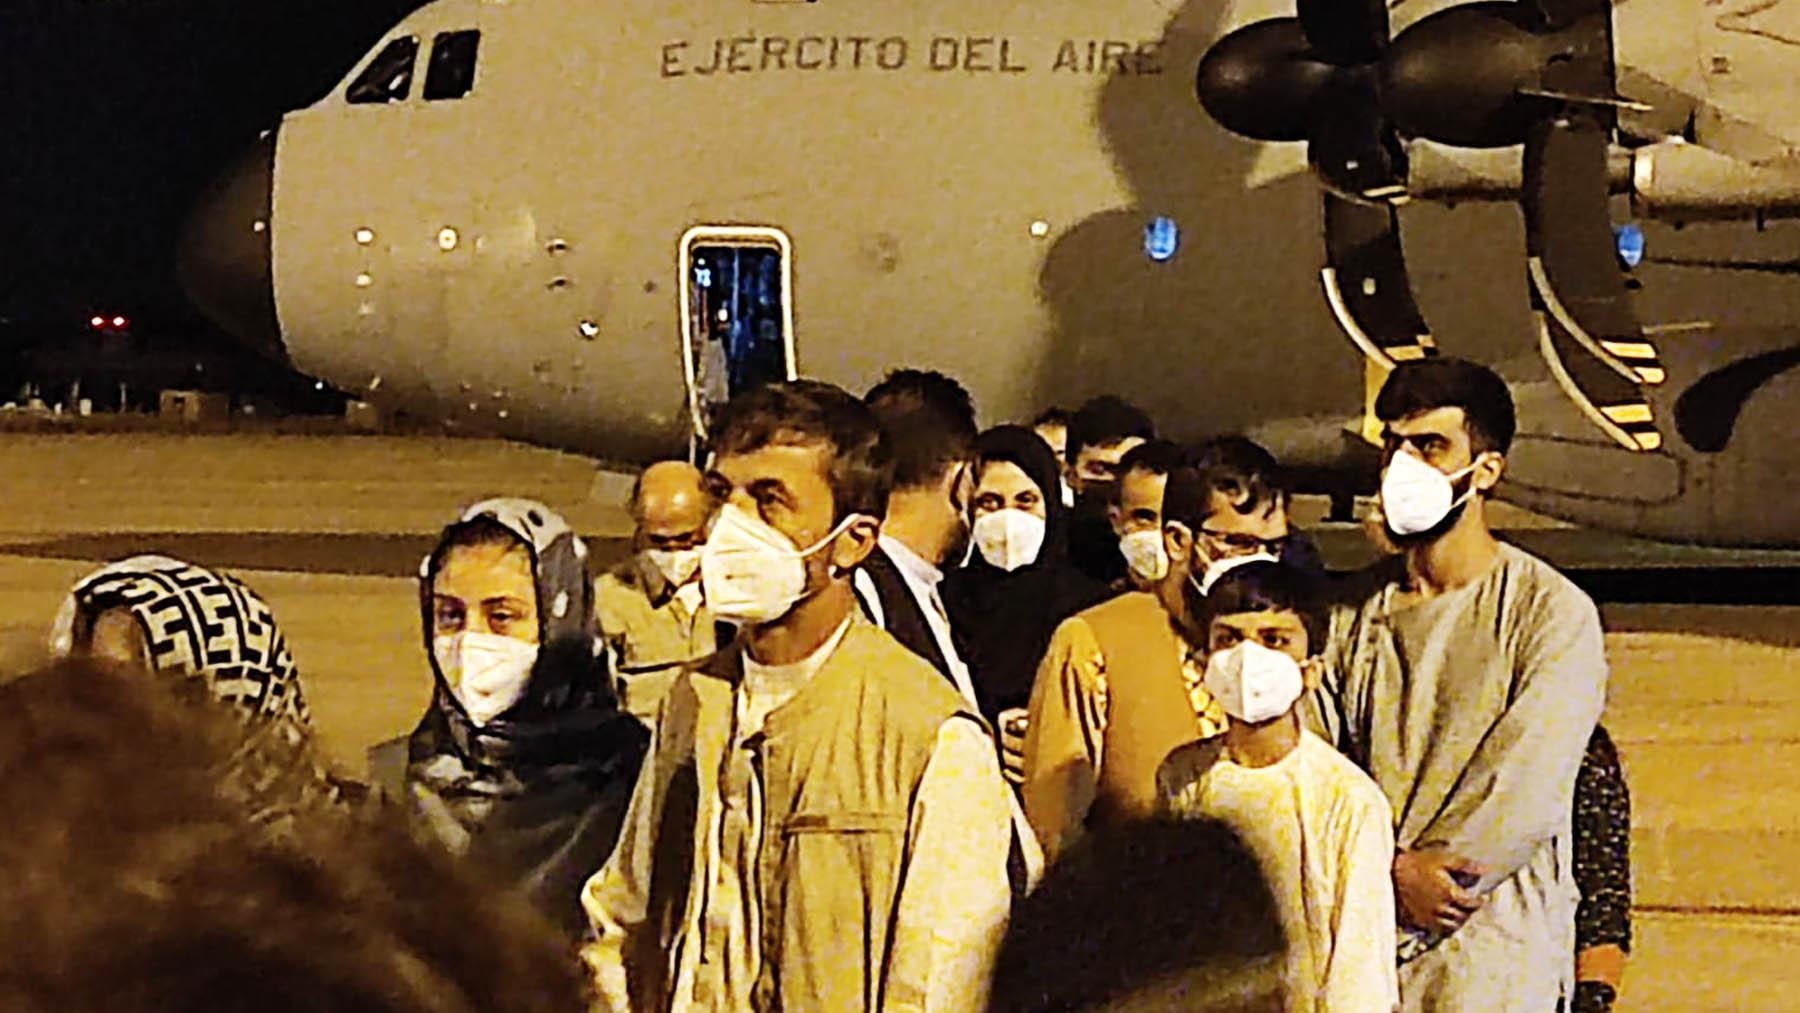 Llegada a suelo español de los primeros afganos que han sido evacuados desde Kabul.